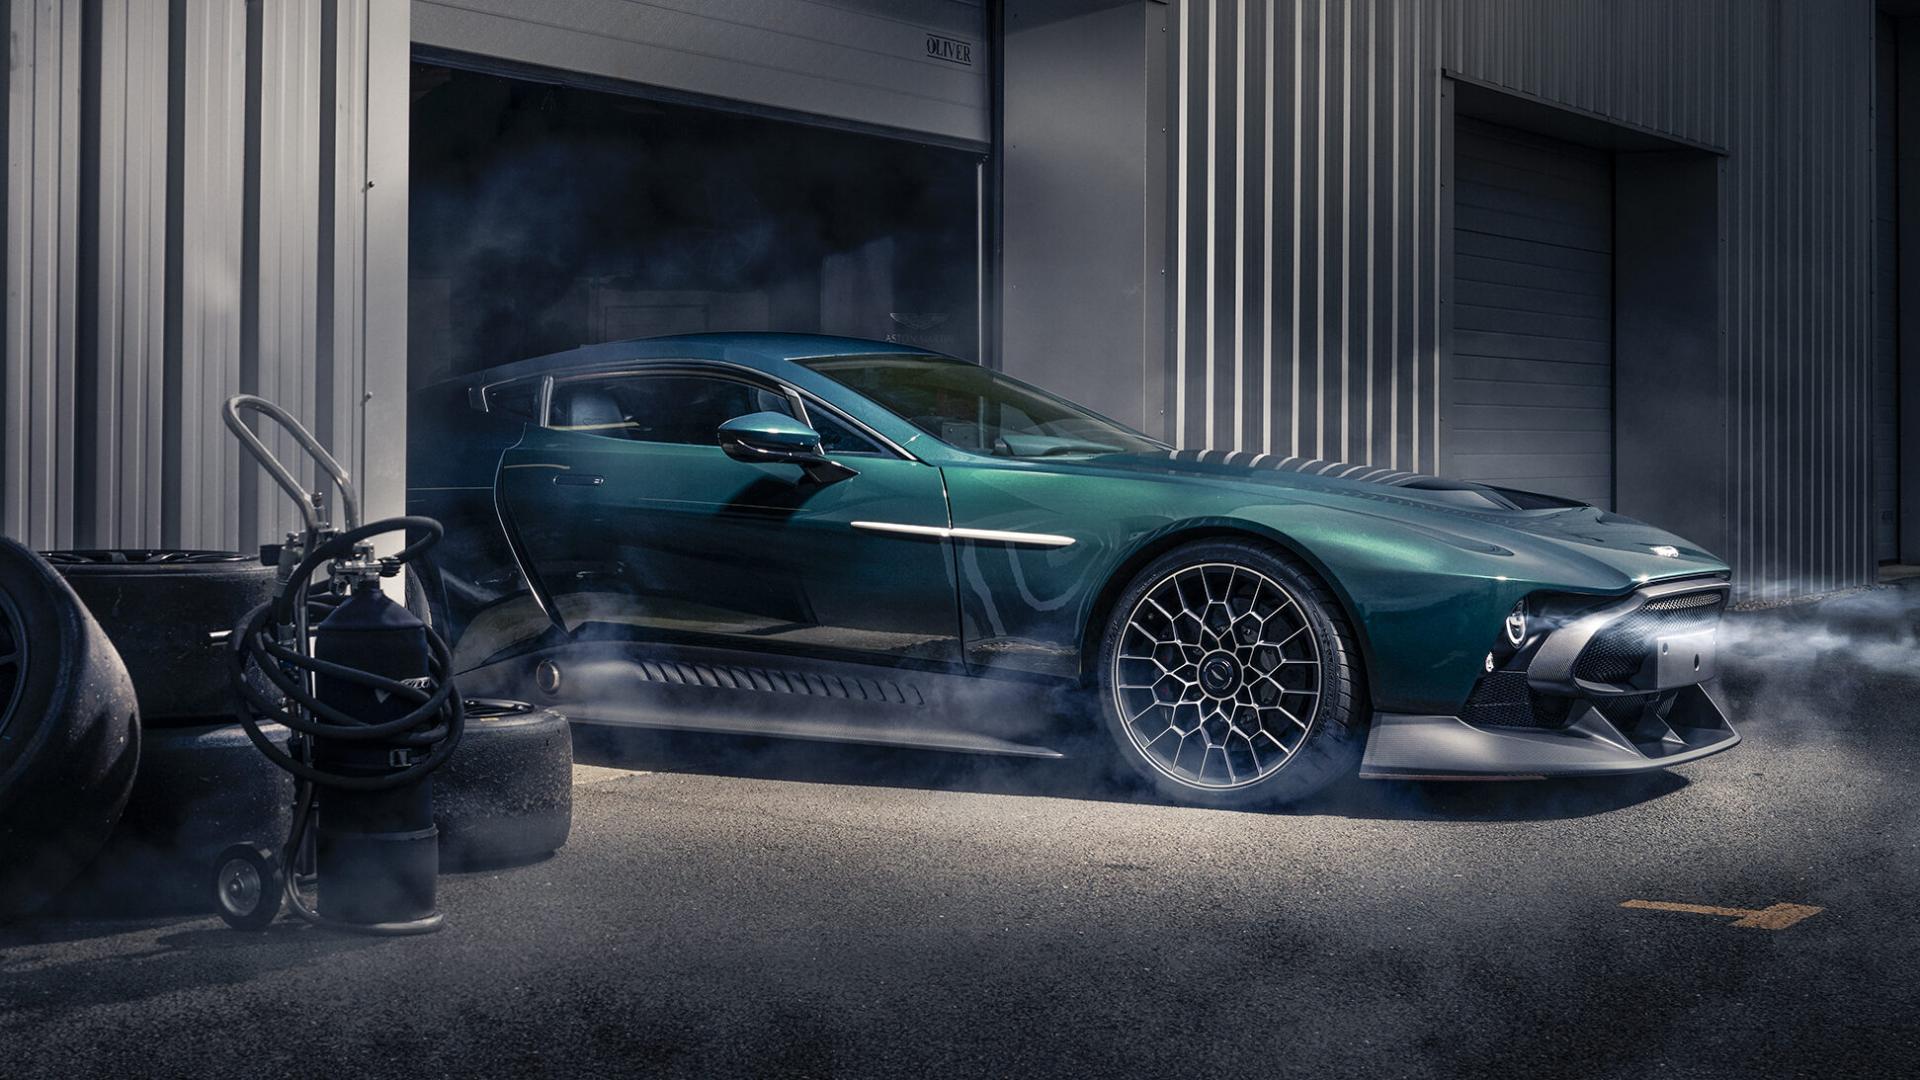 Aston Martin Victor neus